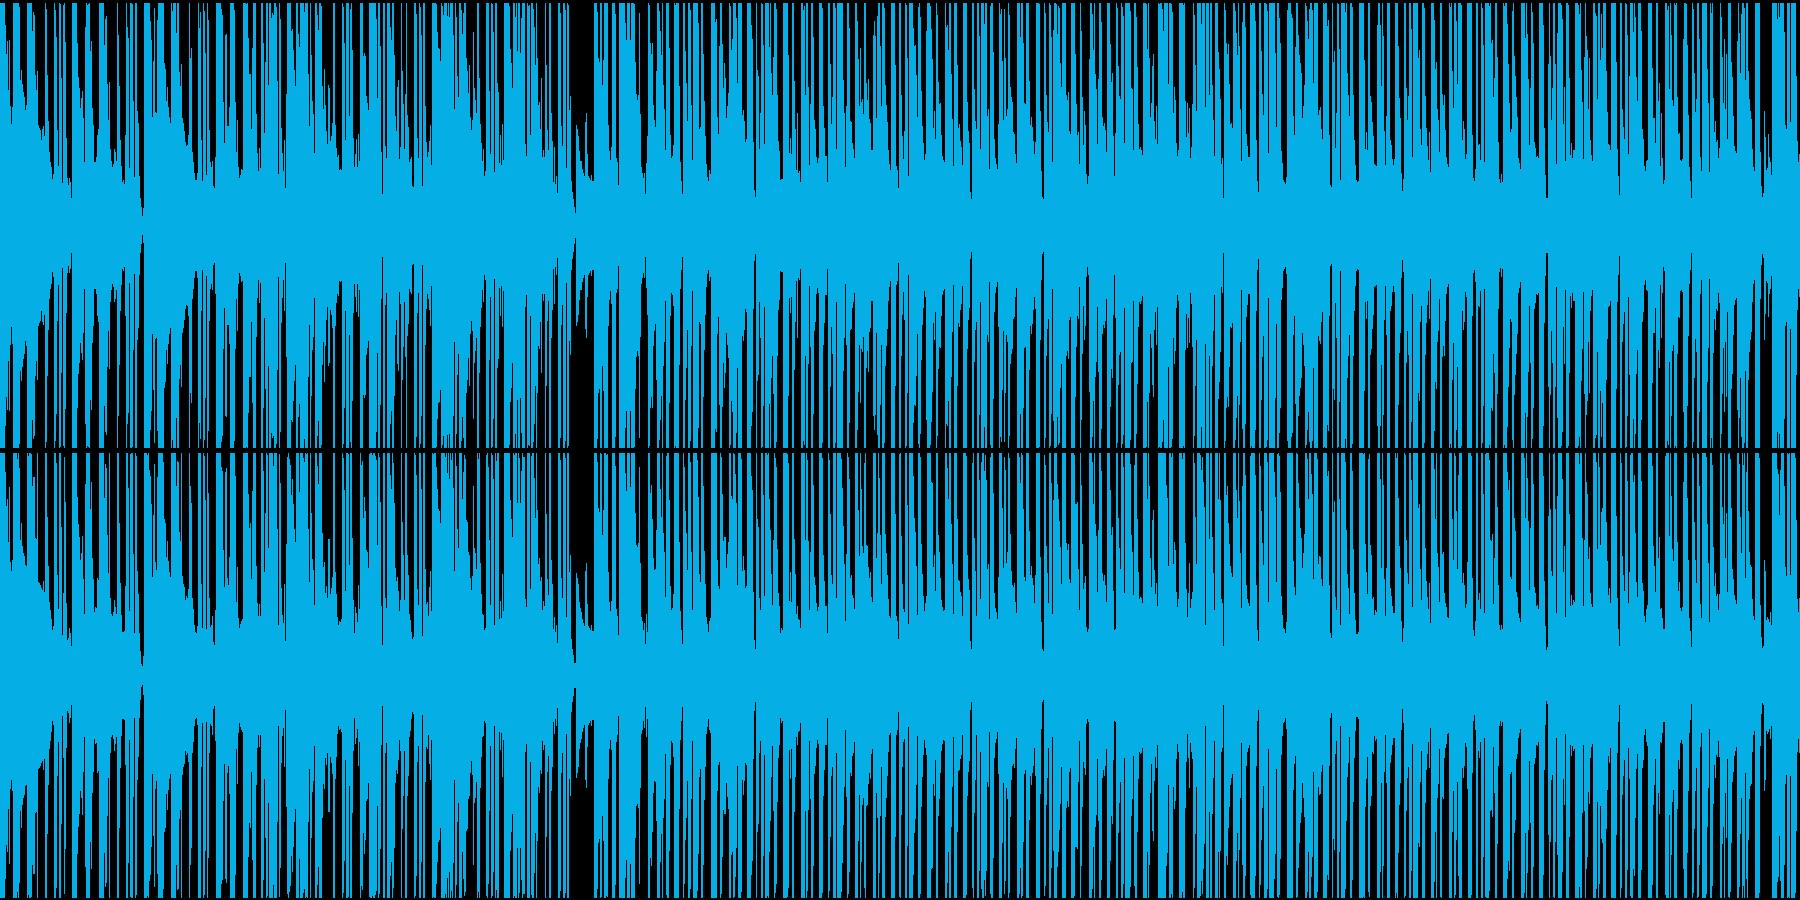 ゆったりアコースティックブレイクビーツの再生済みの波形